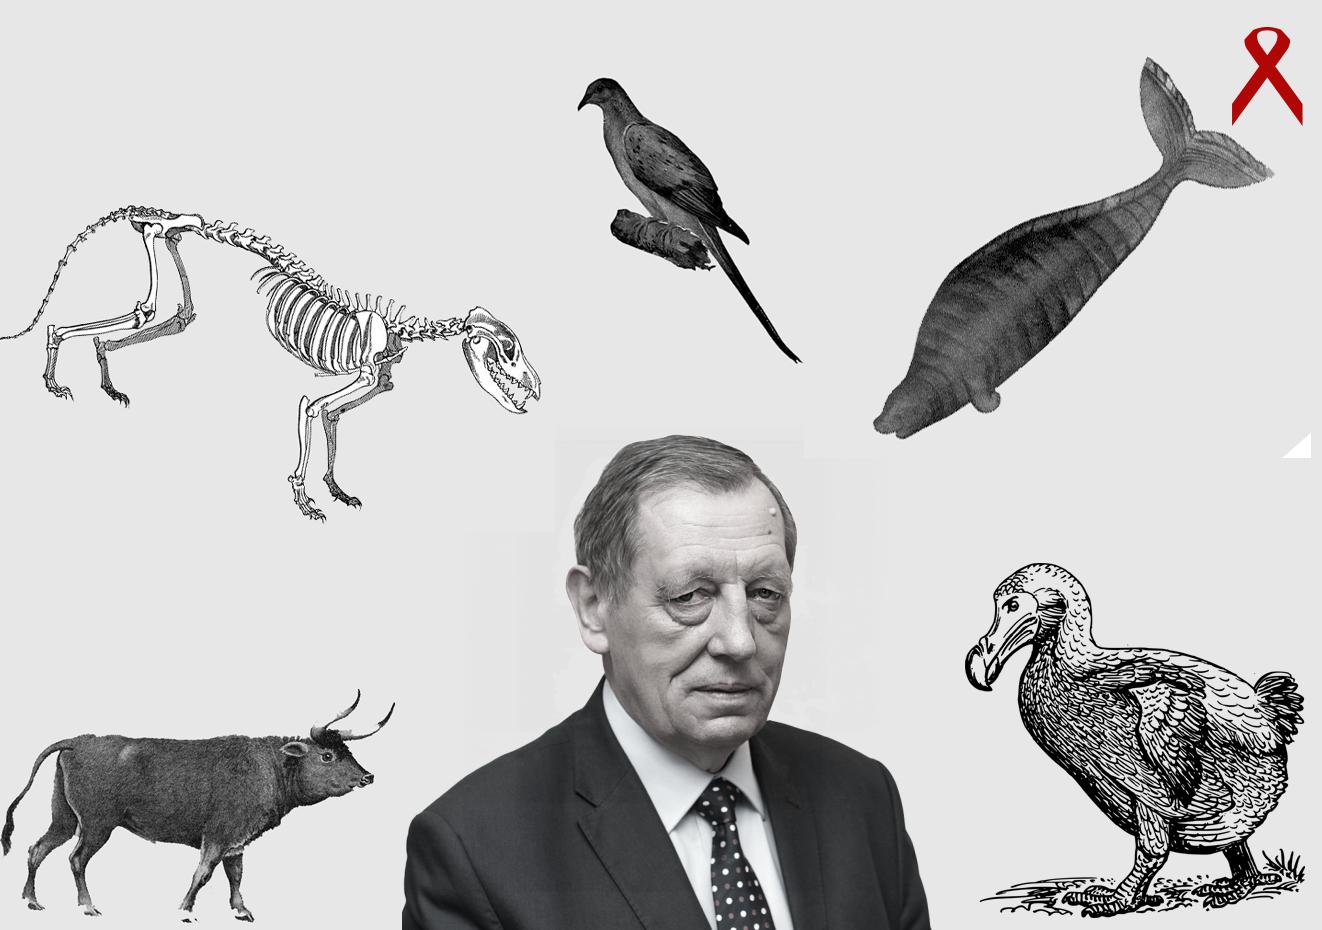 Biologiczna Bzdura Roku 2017 prof Jan Szyszko minister środowiska